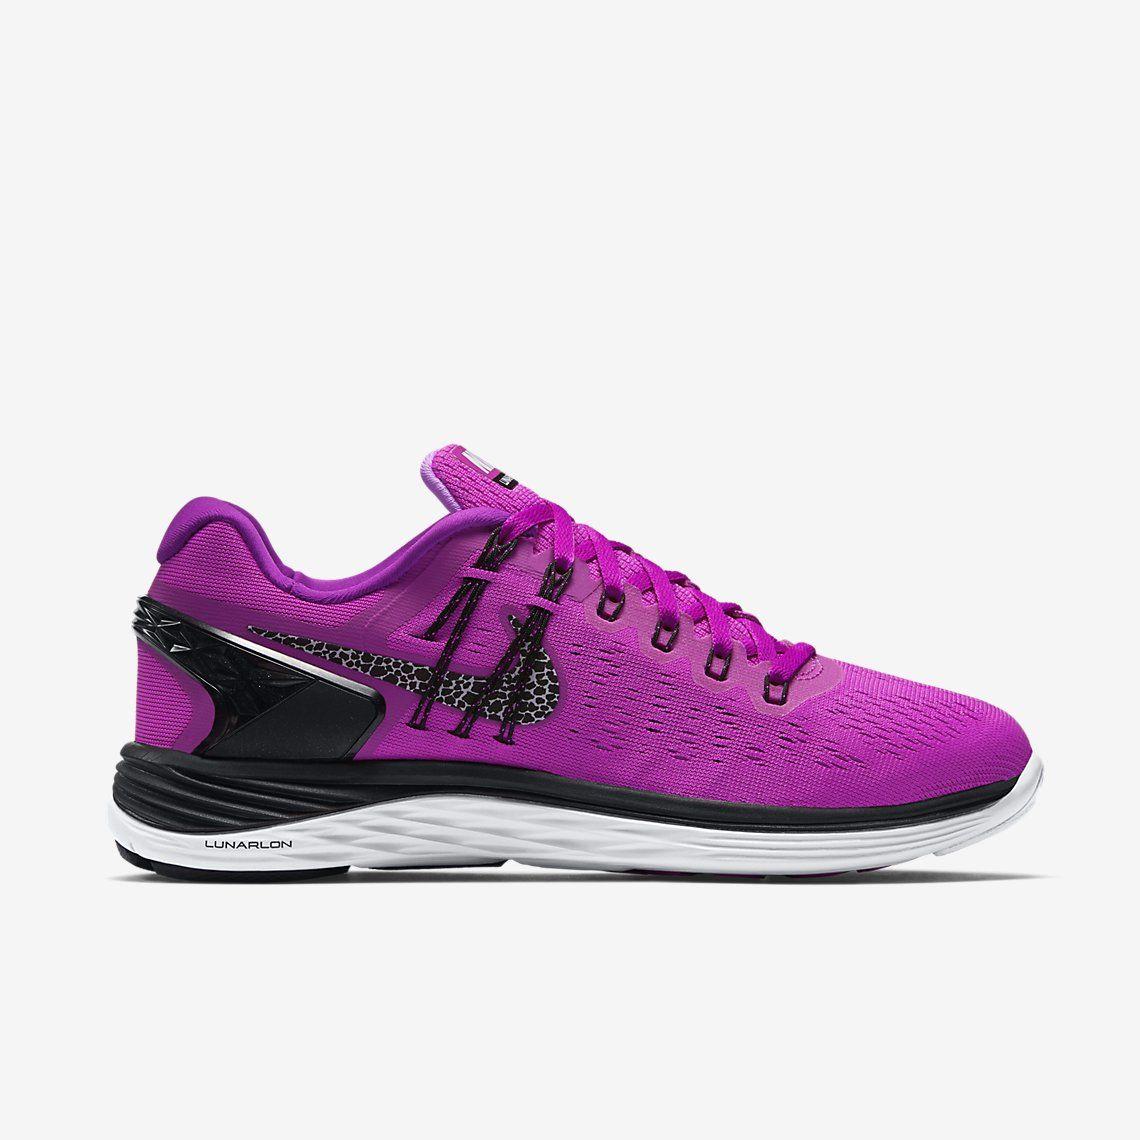 Nike LunarEclipse 5 Women's Running Shoe.